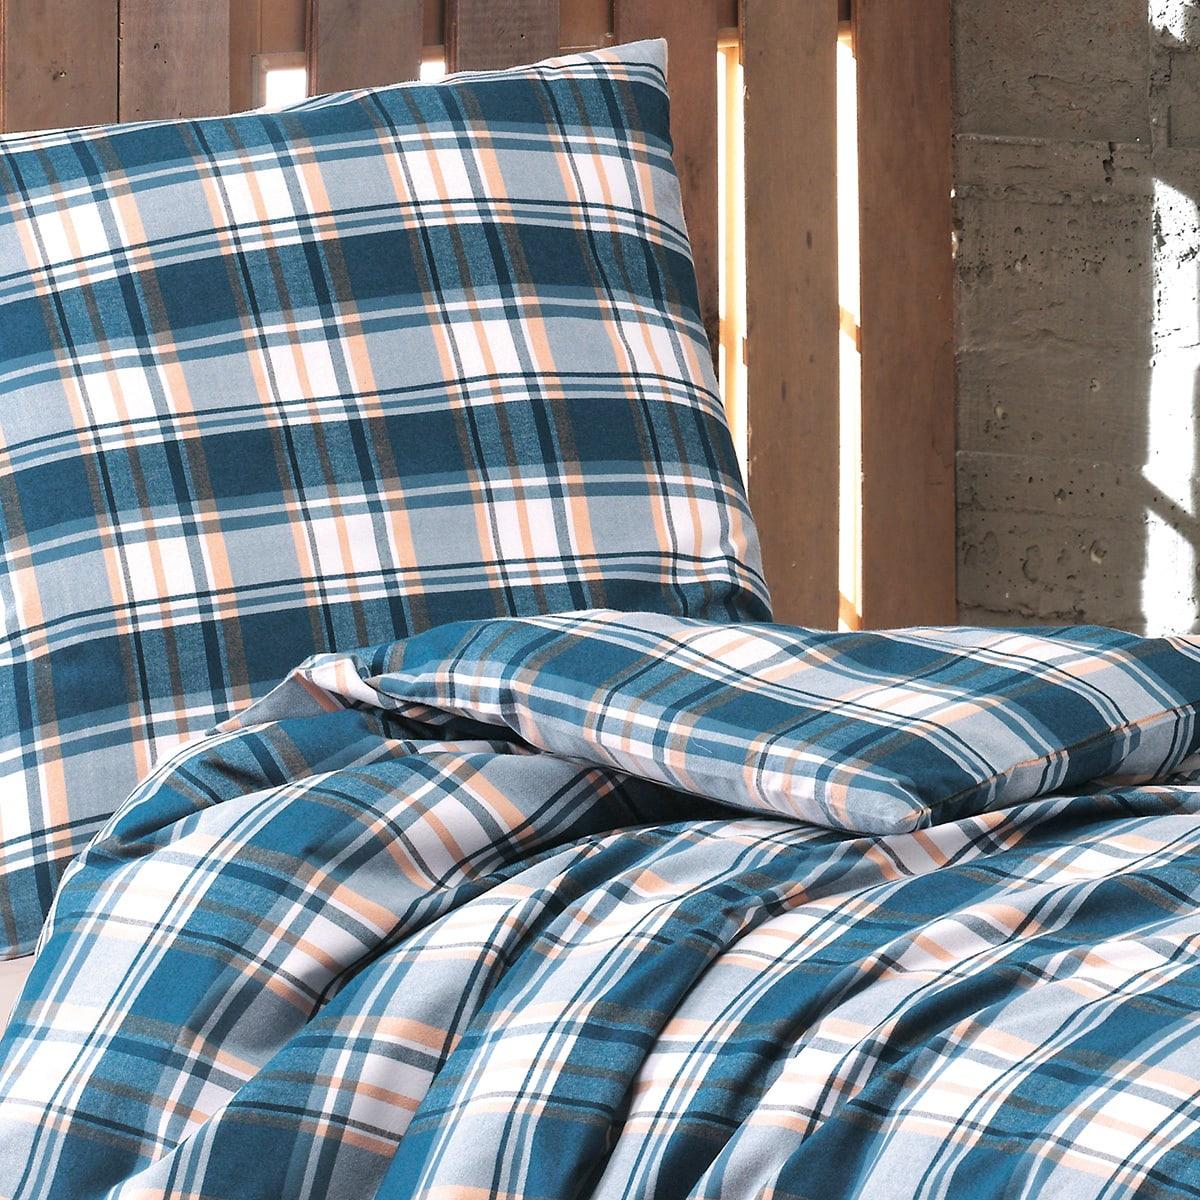 optidream biber bettw sche valdez blau g nstig online kaufen bei bettwaren shop. Black Bedroom Furniture Sets. Home Design Ideas